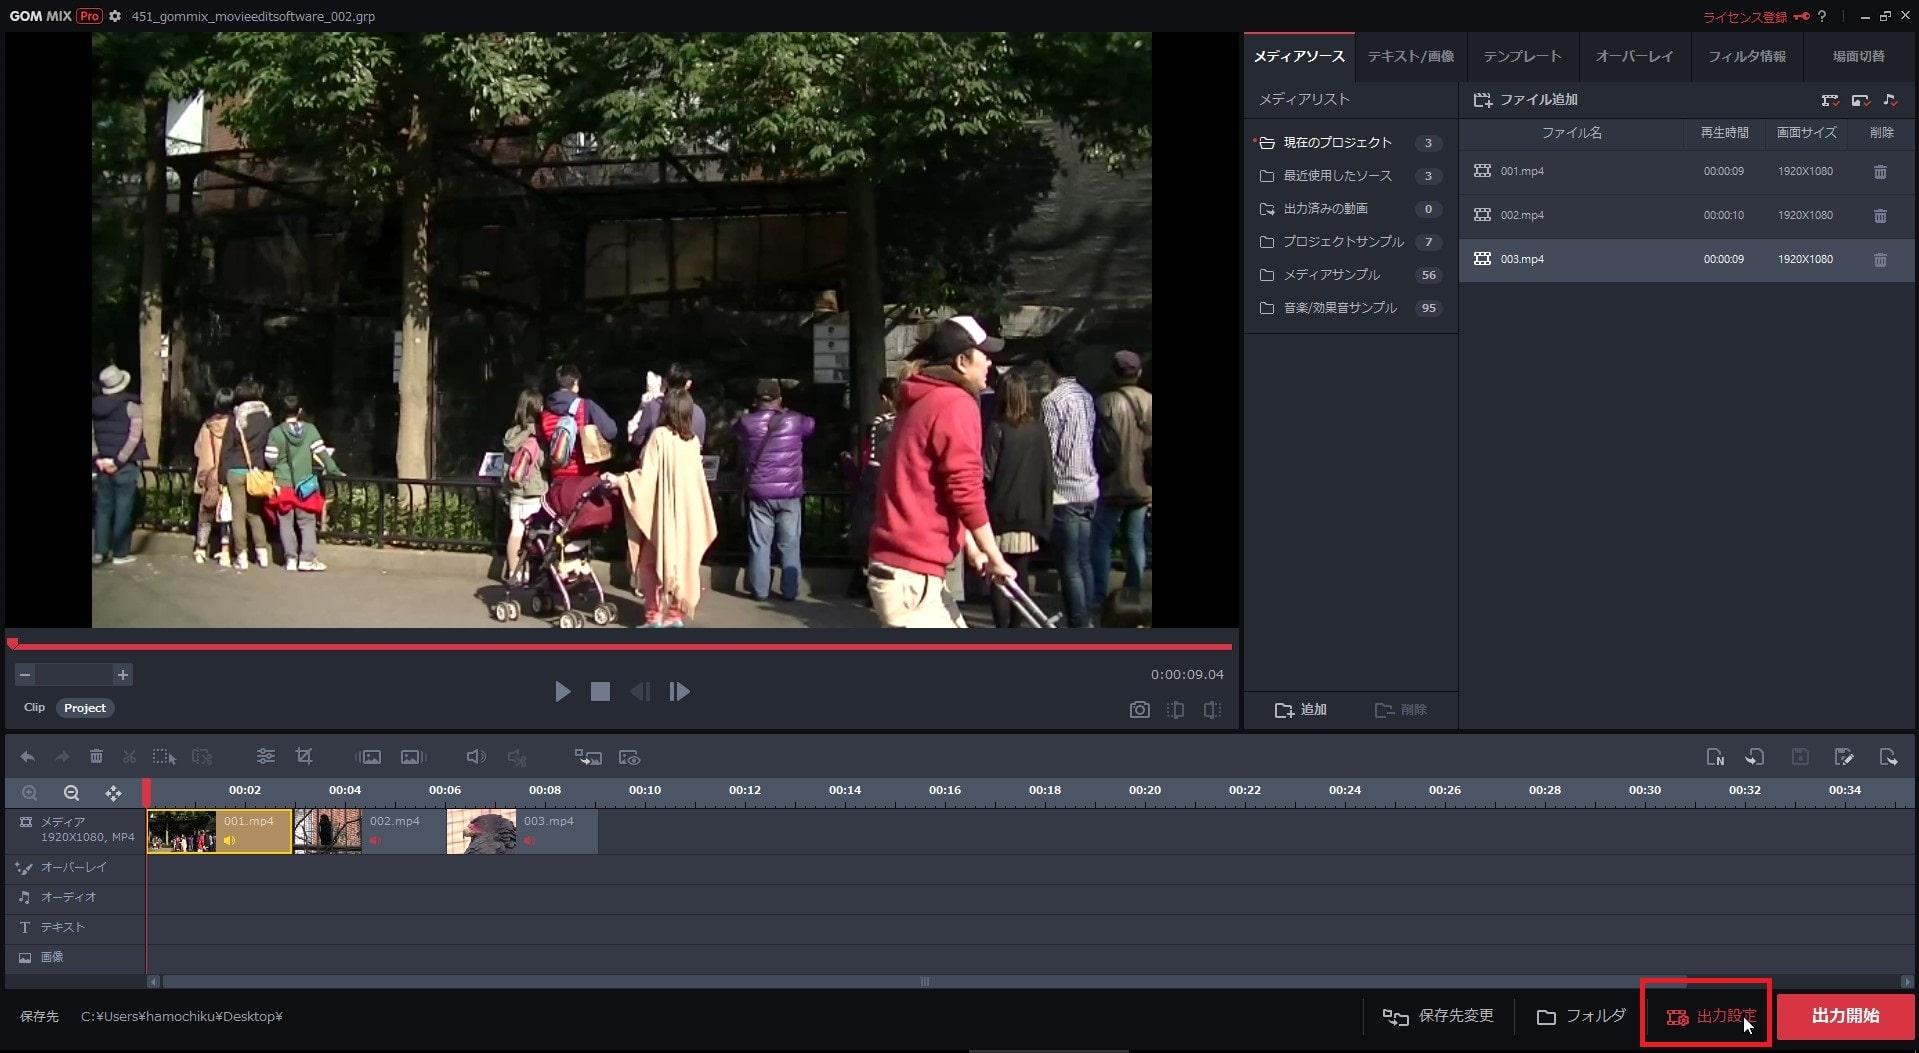 出力設定を変更する方法 動画編集ソフトGOM Mix Pro